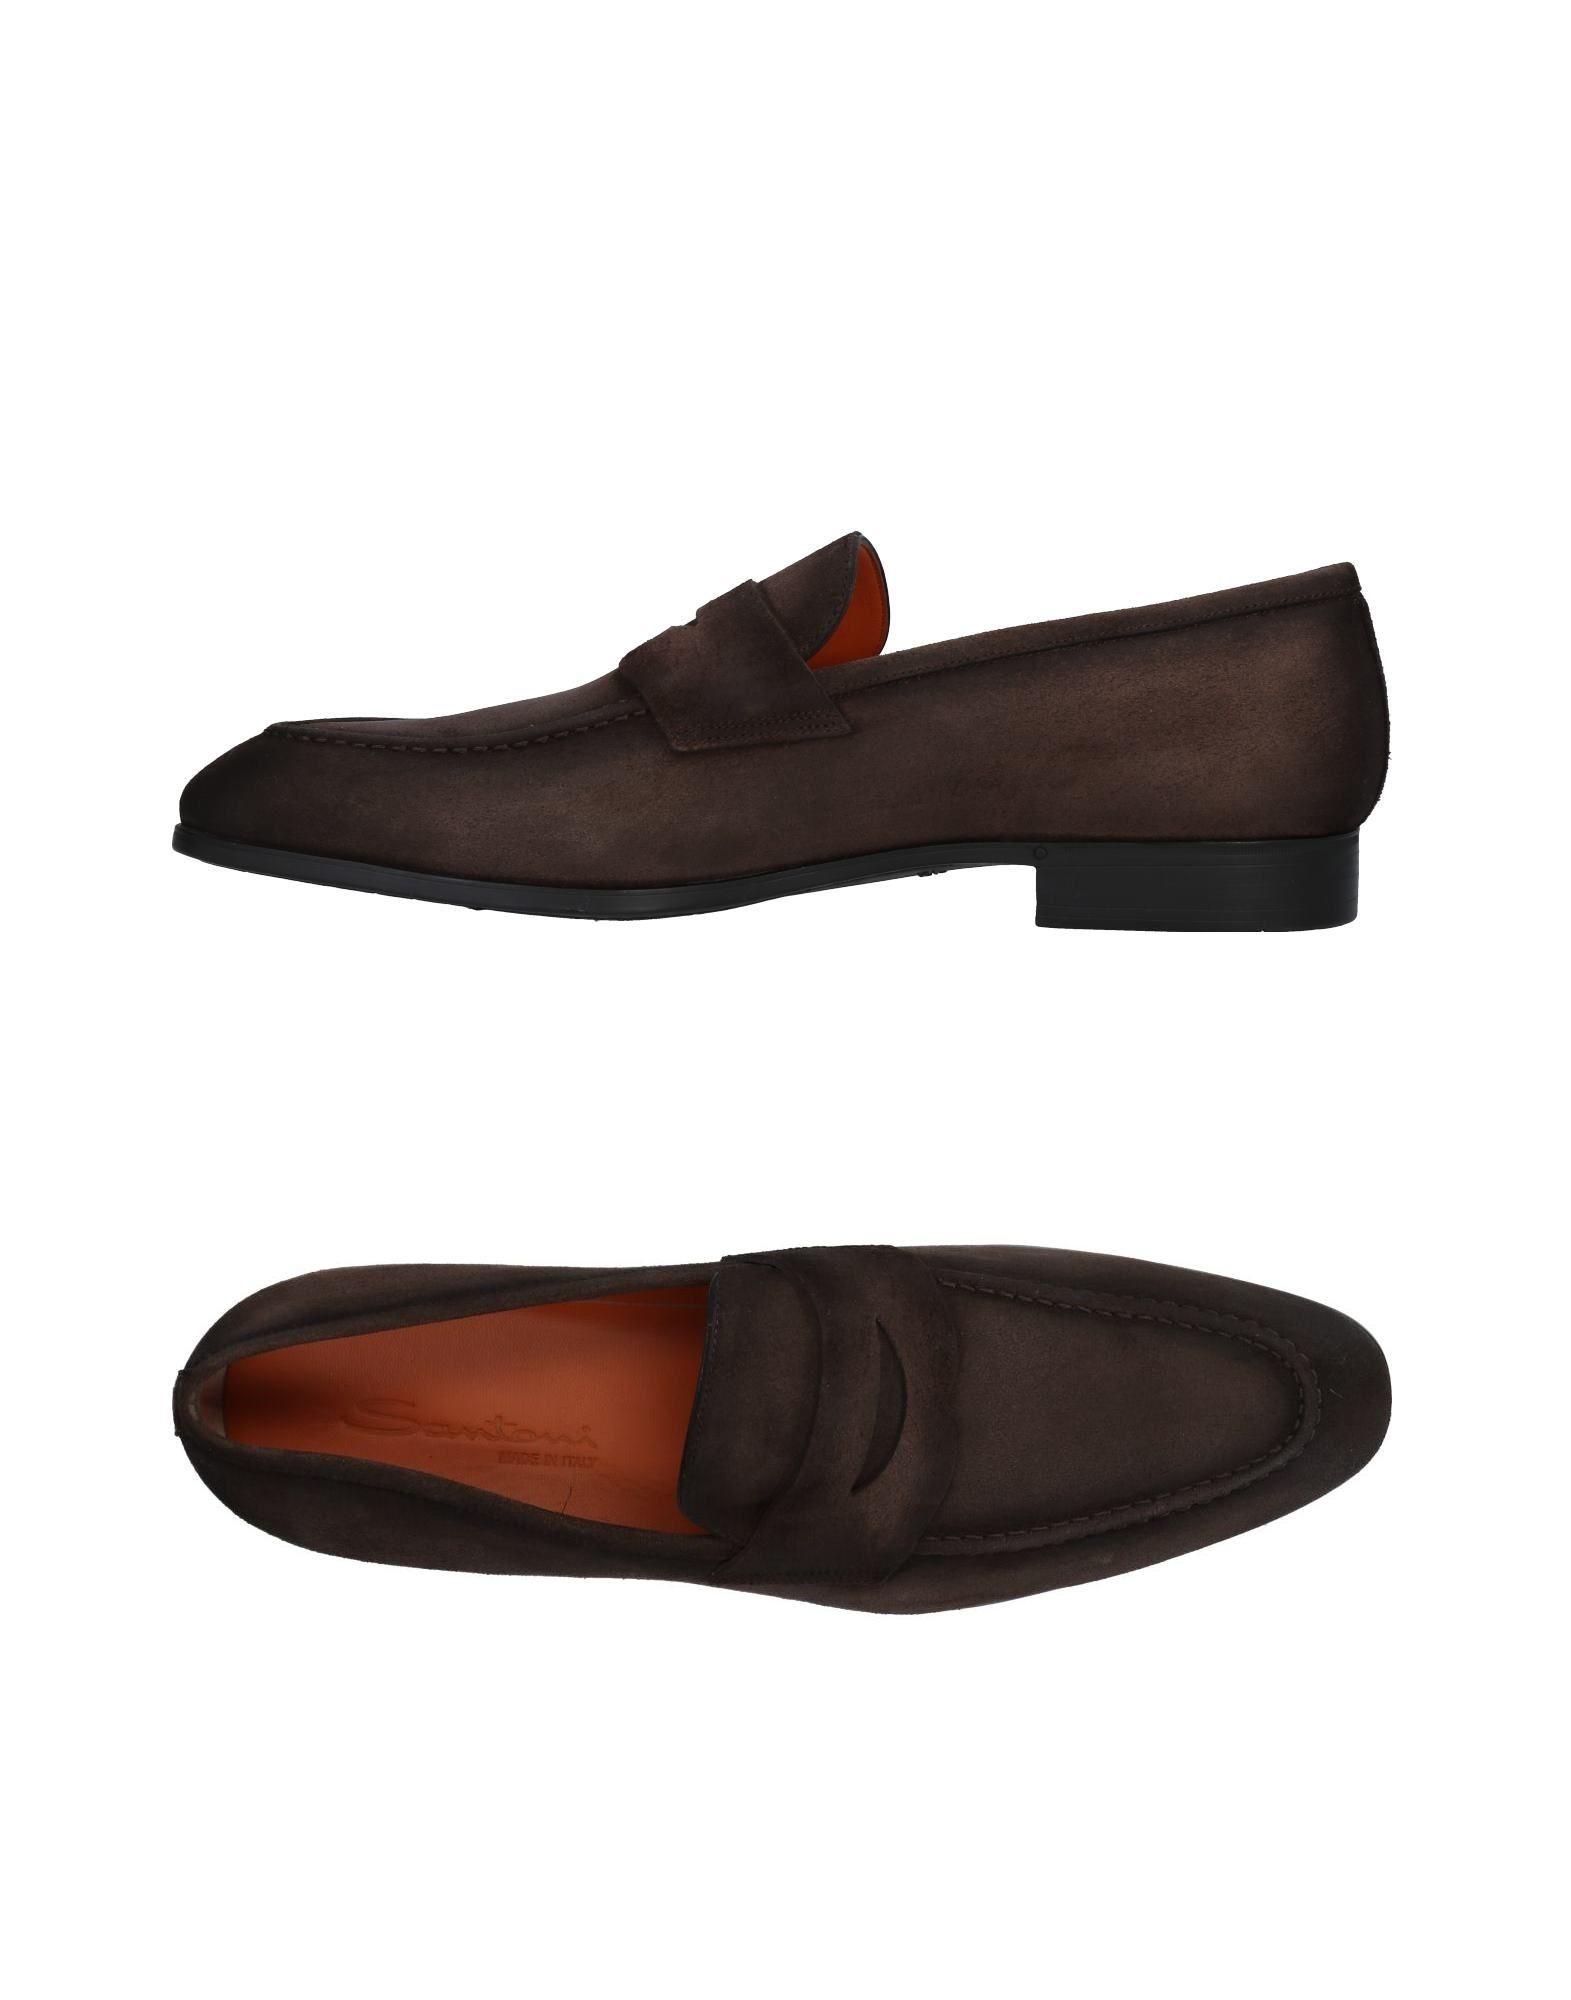 Santoni Mokassins Herren Herren Herren  11479377AR Heiße Schuhe 219262